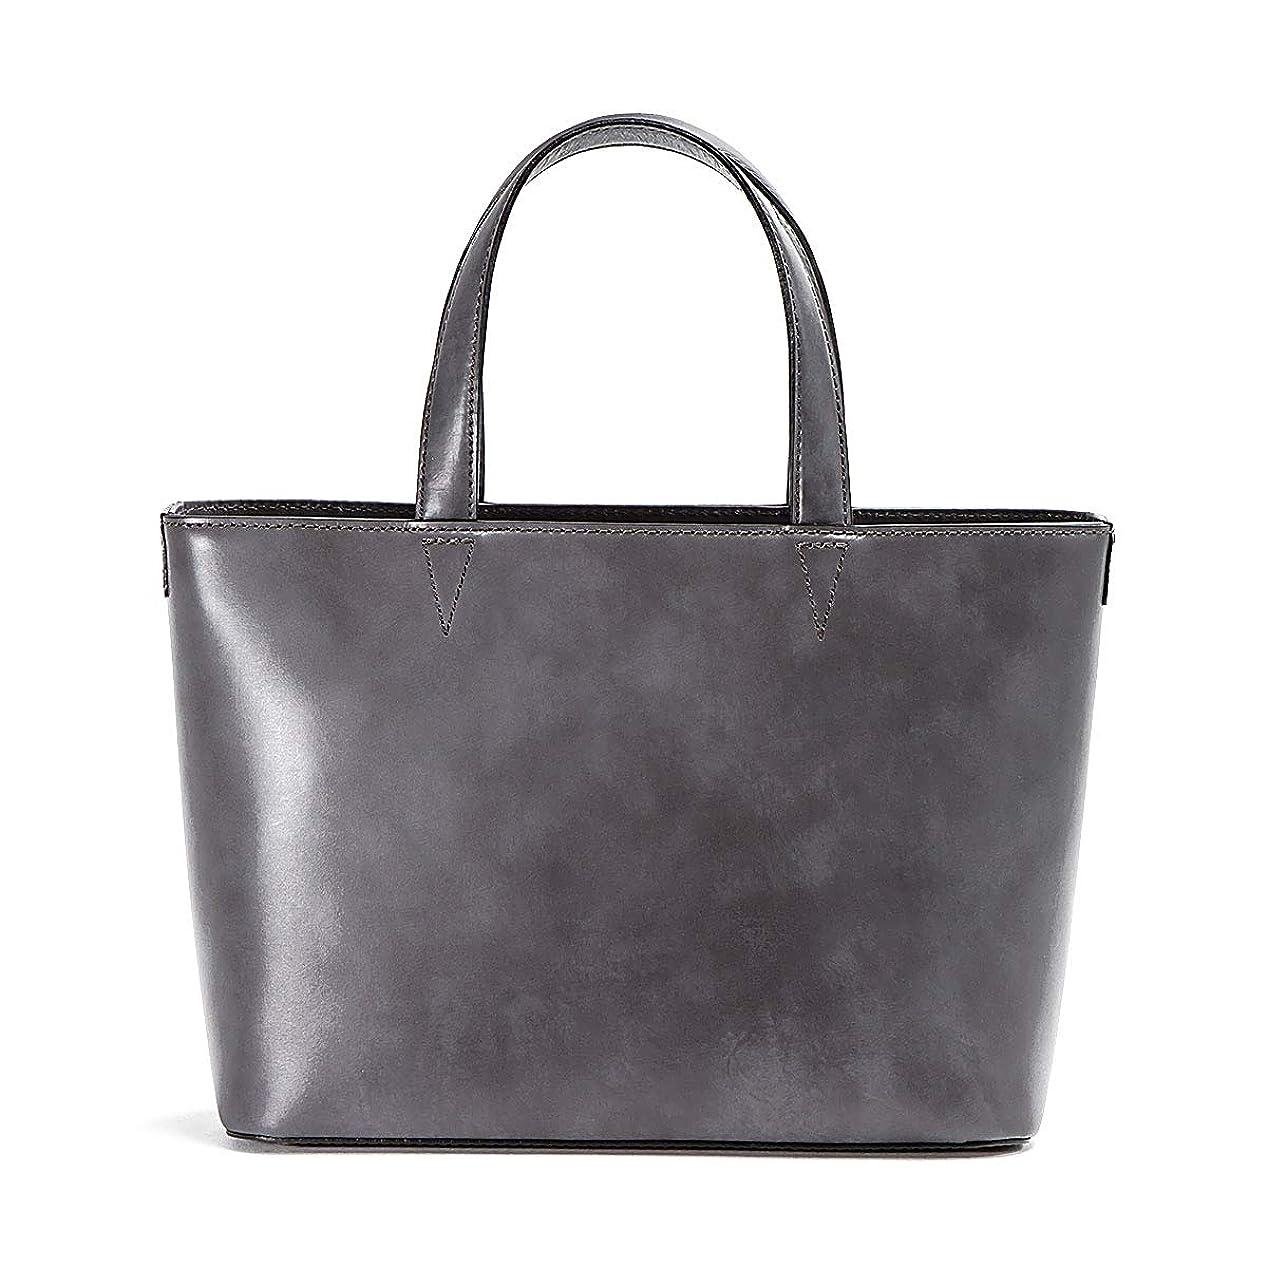 敵対的きらきら言い直すエルゴポック トートバッグ Waxed Leather(06 Series) 06-MIT